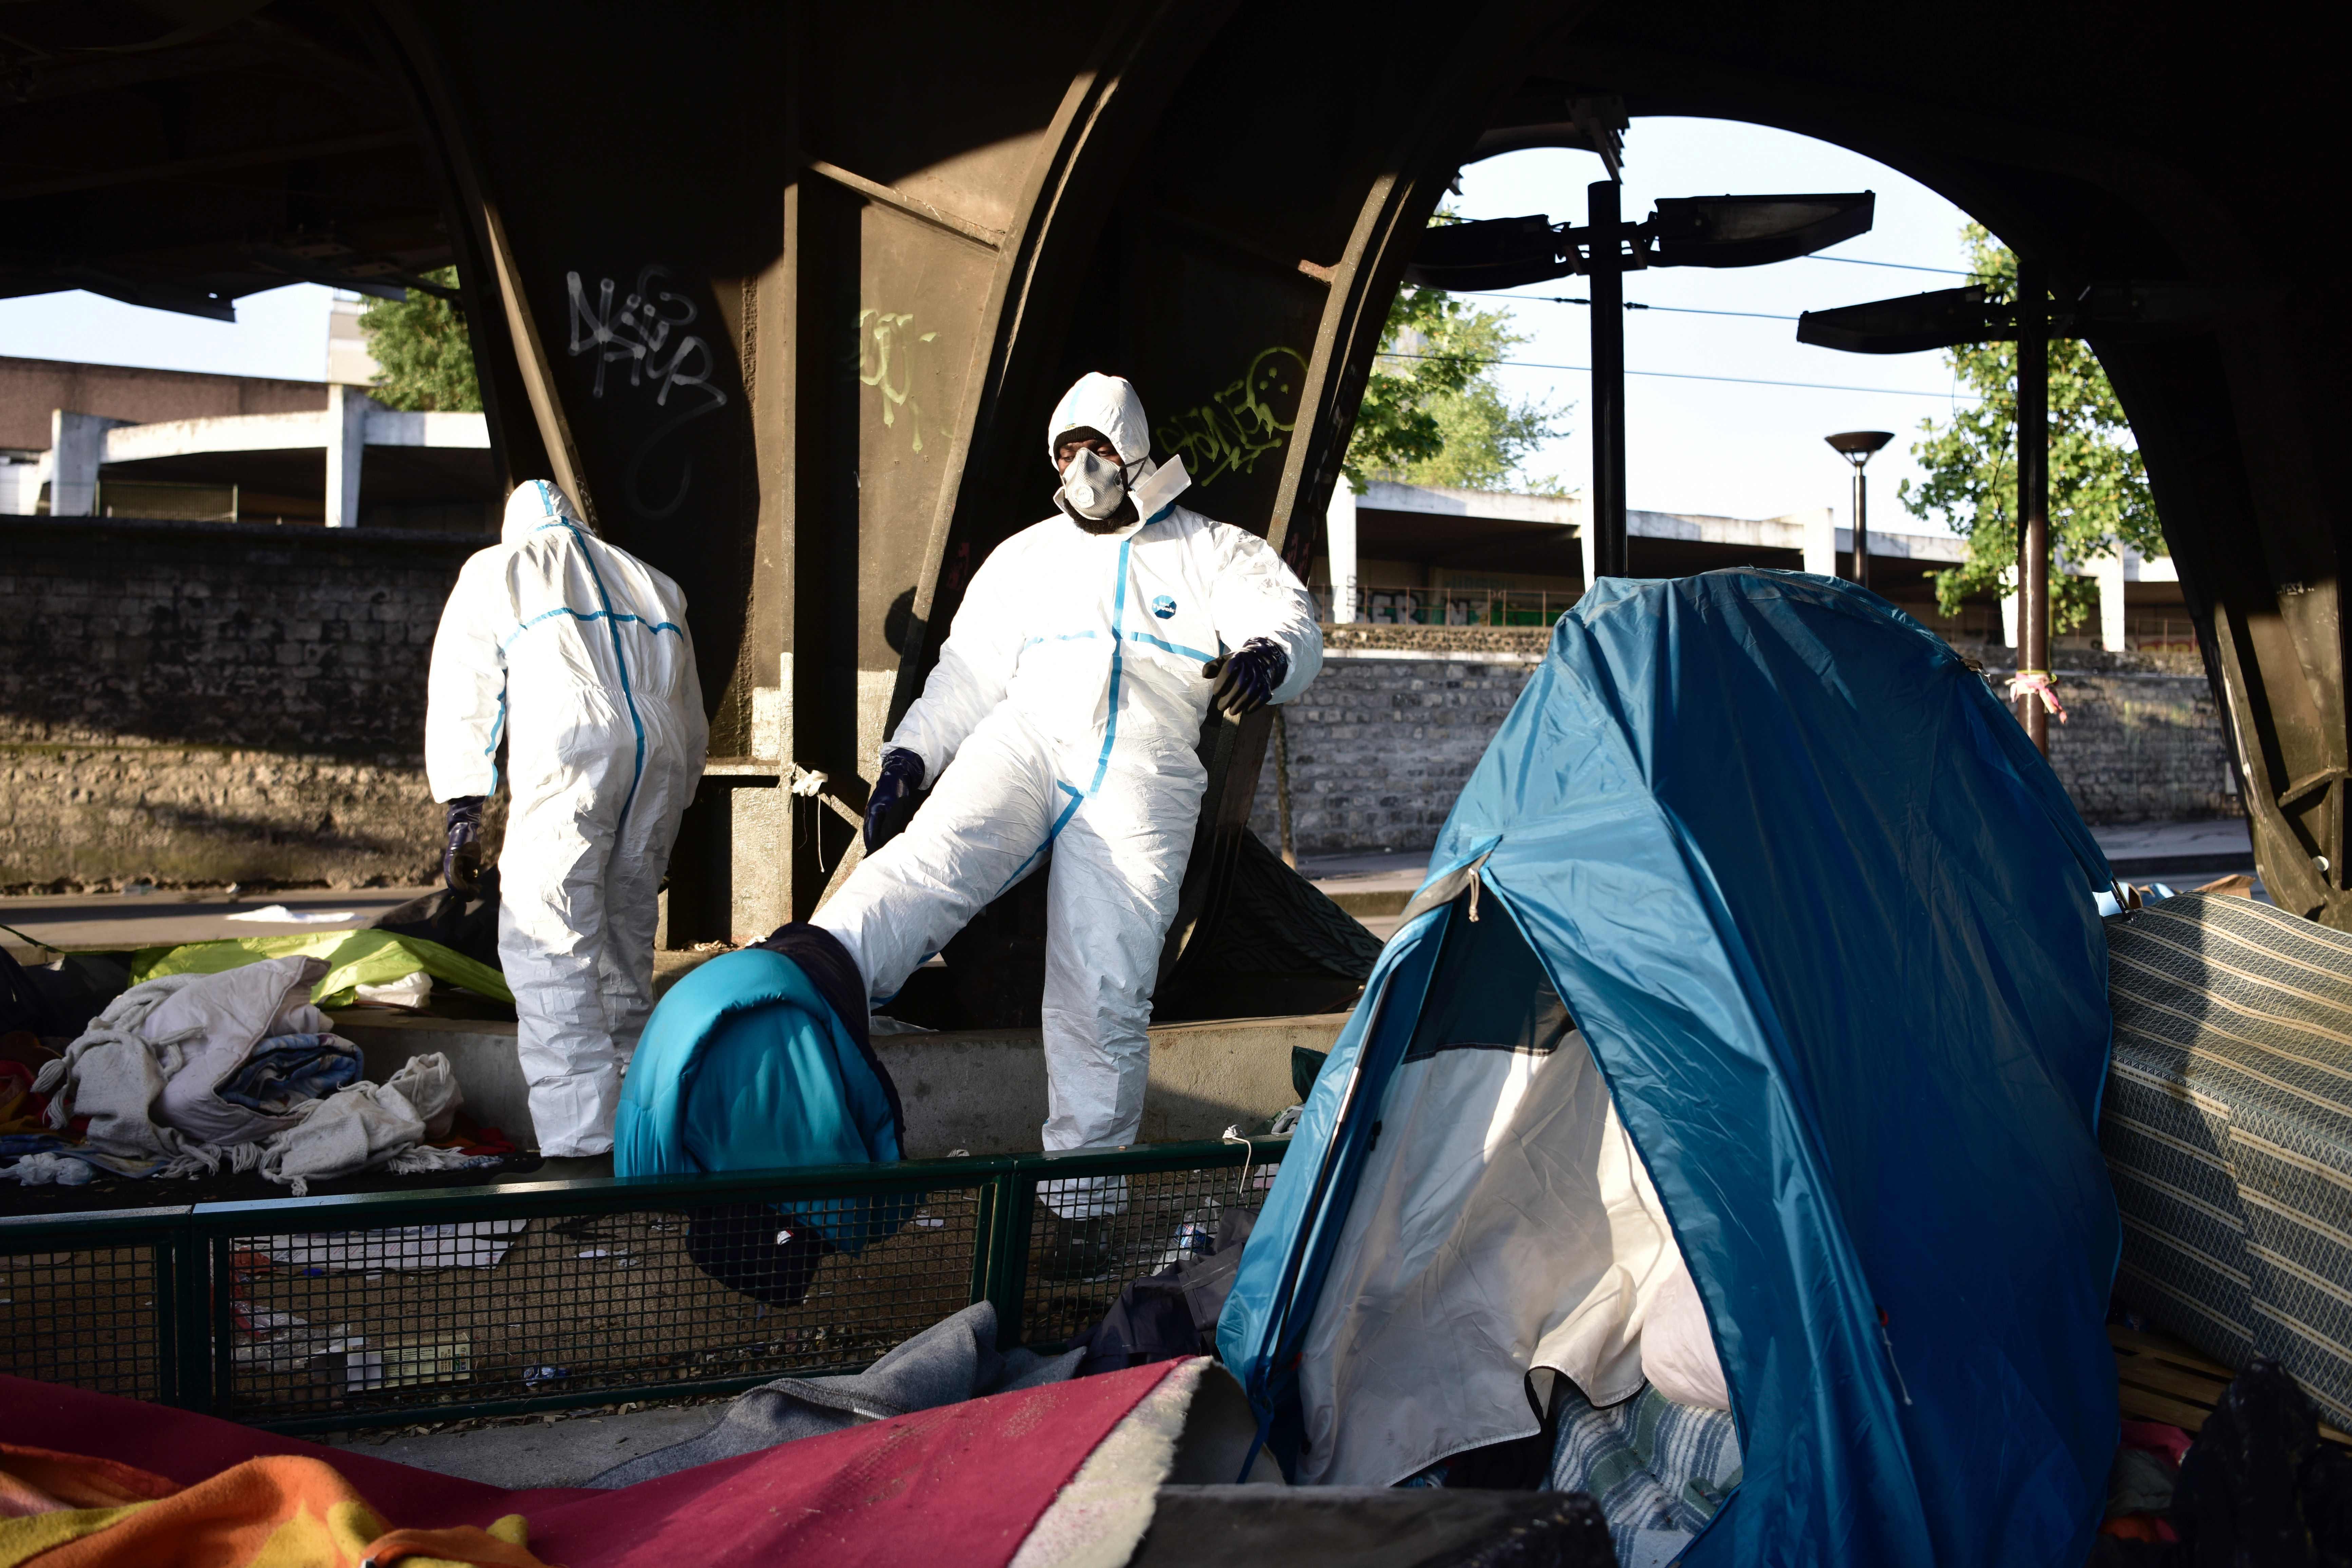 عملية اخلاء مخيم للاجئين فى باريس